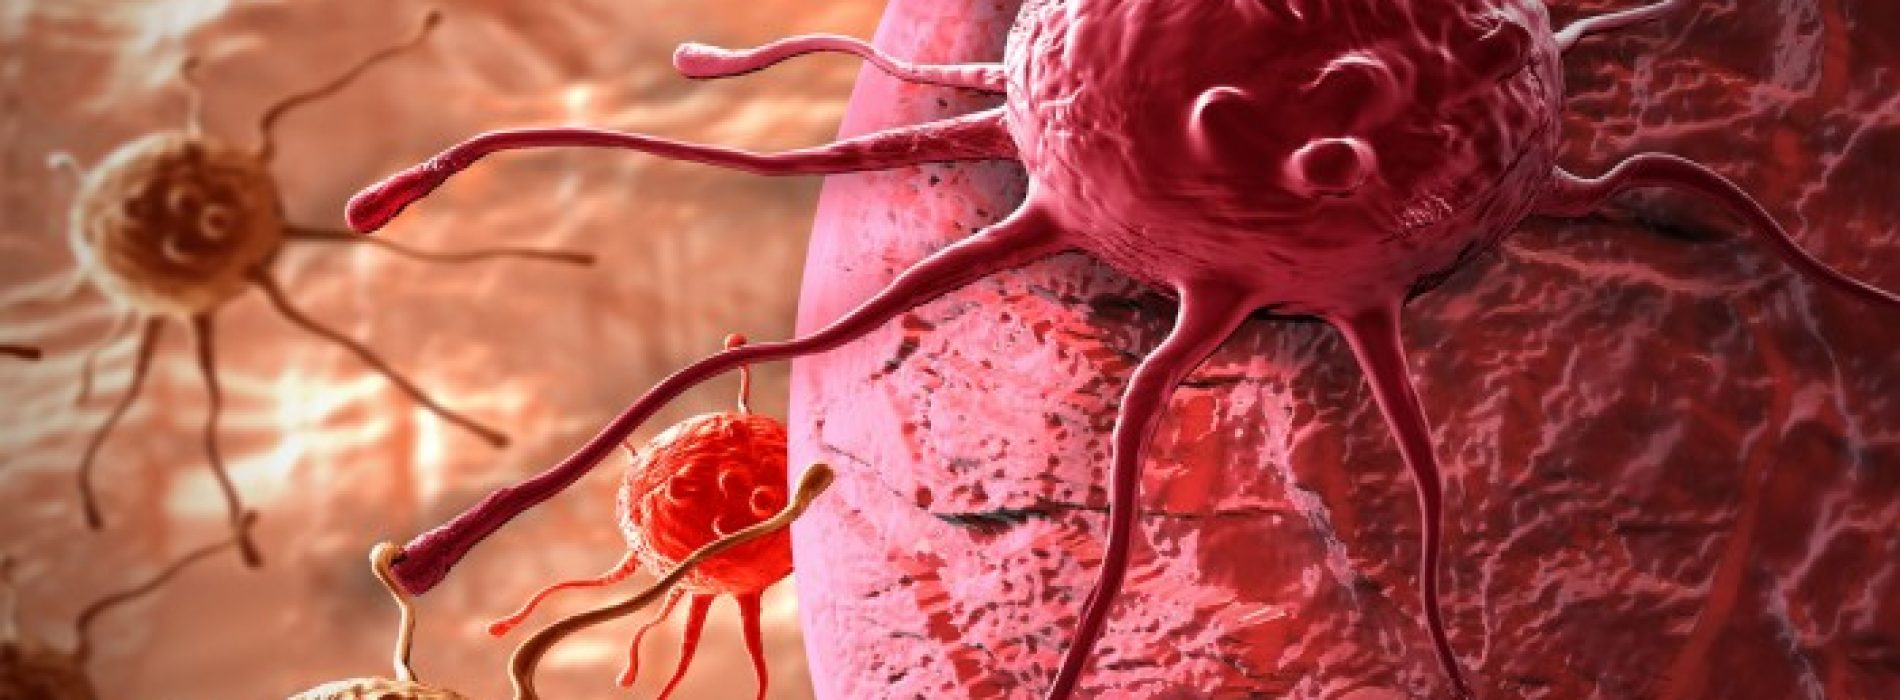 Graag Delen: Wetenschappers genezen kanker, maar niemand heeft interesse!